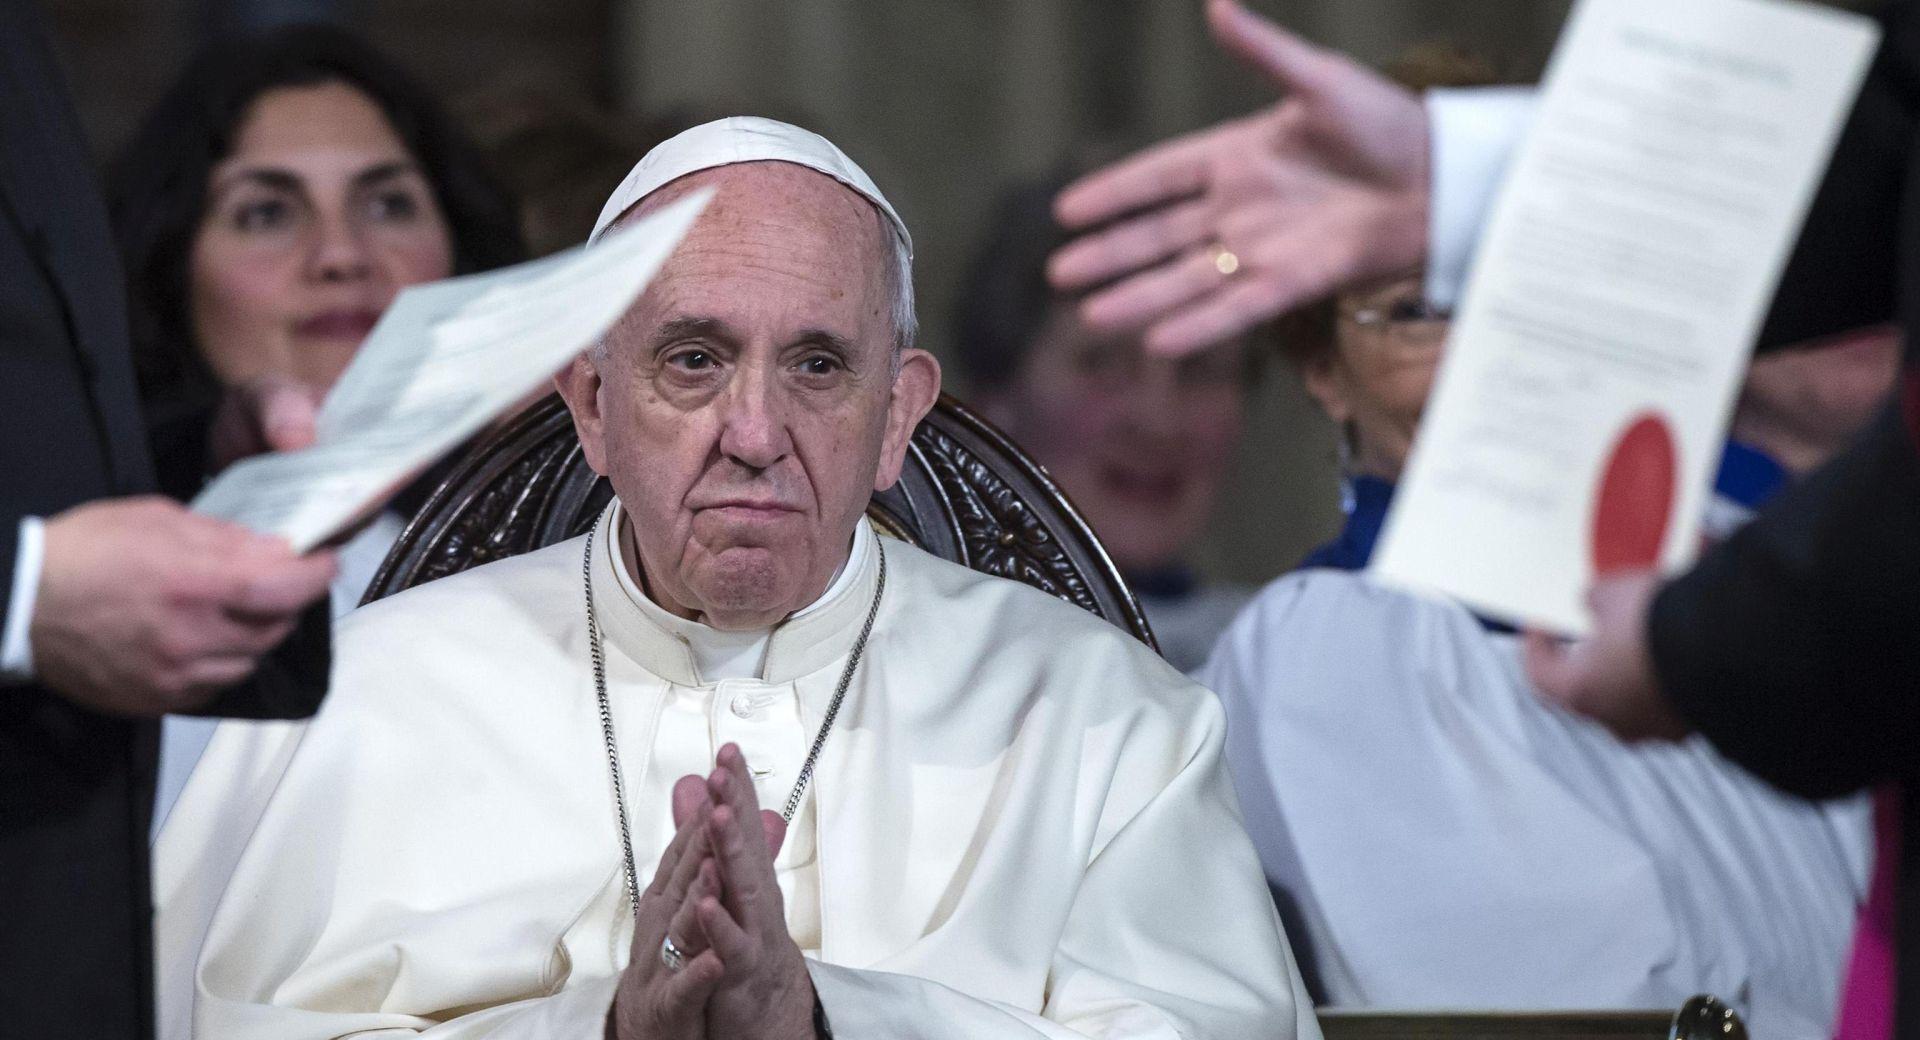 Papa Franjo poklonio se redovniku koji se hrvao s vragom